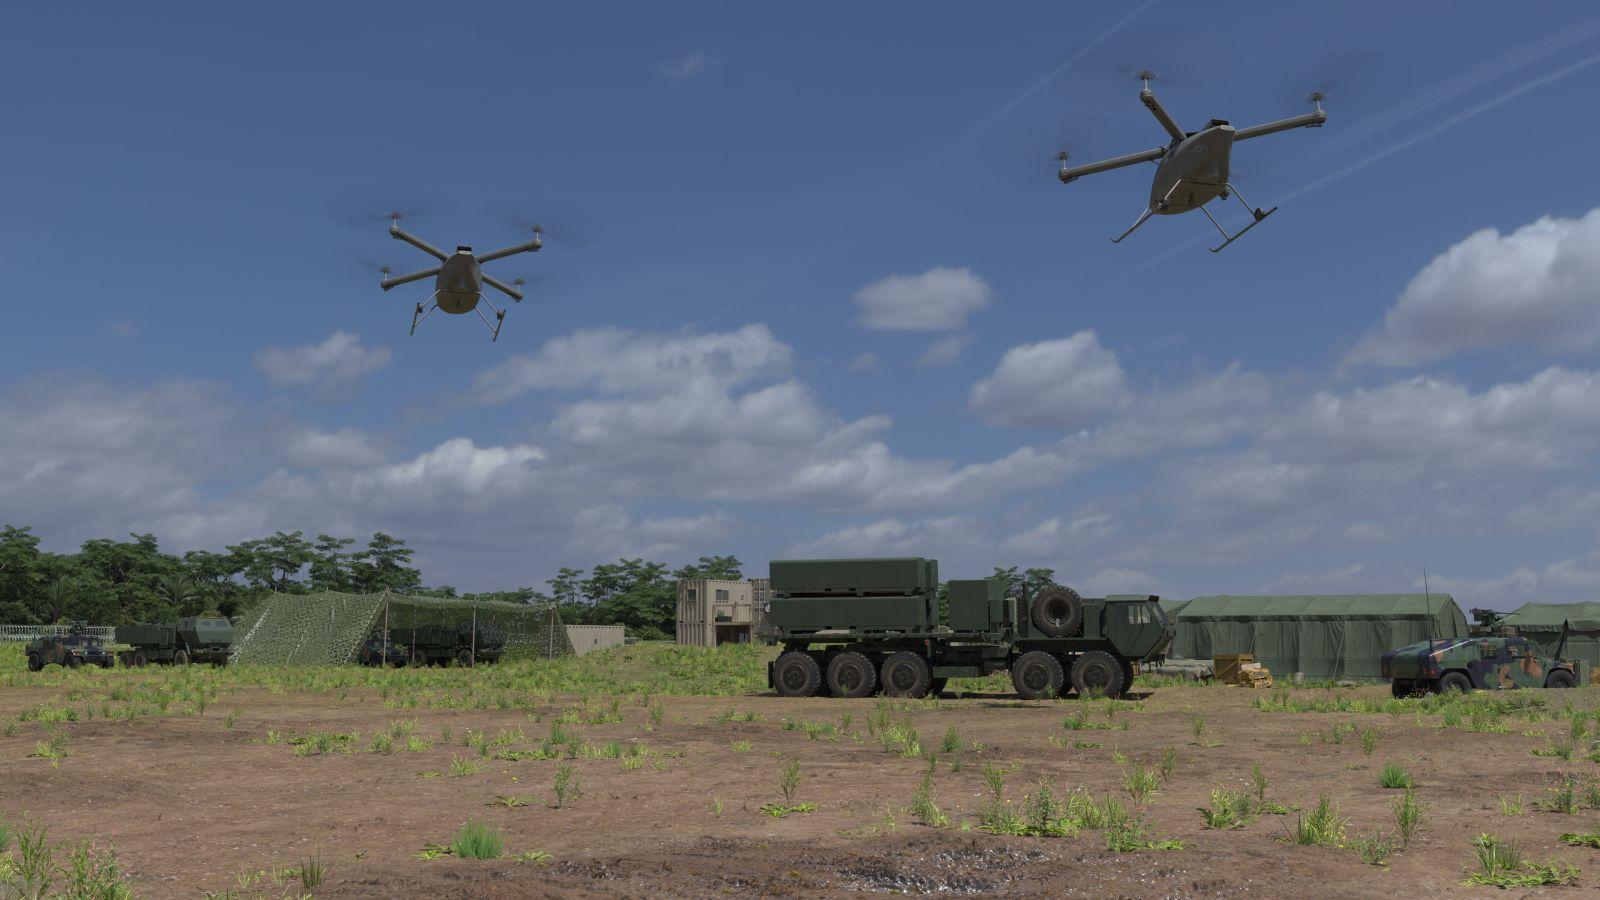 Kaman представи среден товарен БЛА за Корпуса на морската пехота на САЩ, който ще превозва безопасно жизнено необходими материали на големи разстояния